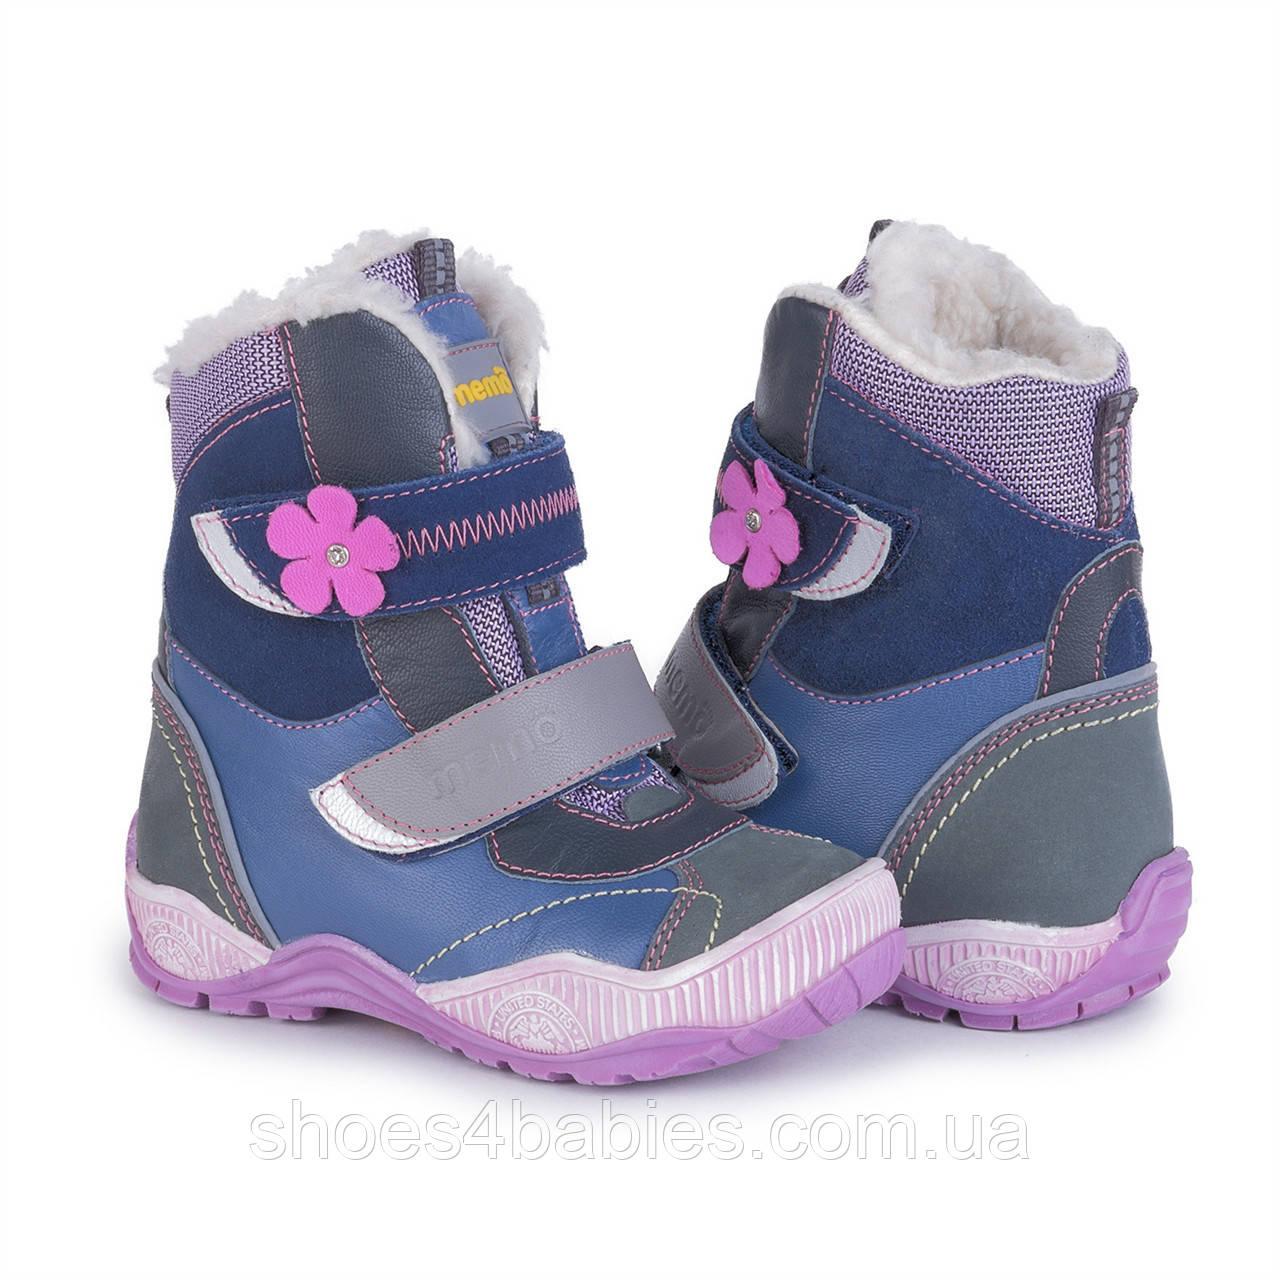 Memo Aspen 1JB - Зимние ортопедические ботинки для детей (фиолетовые) 33